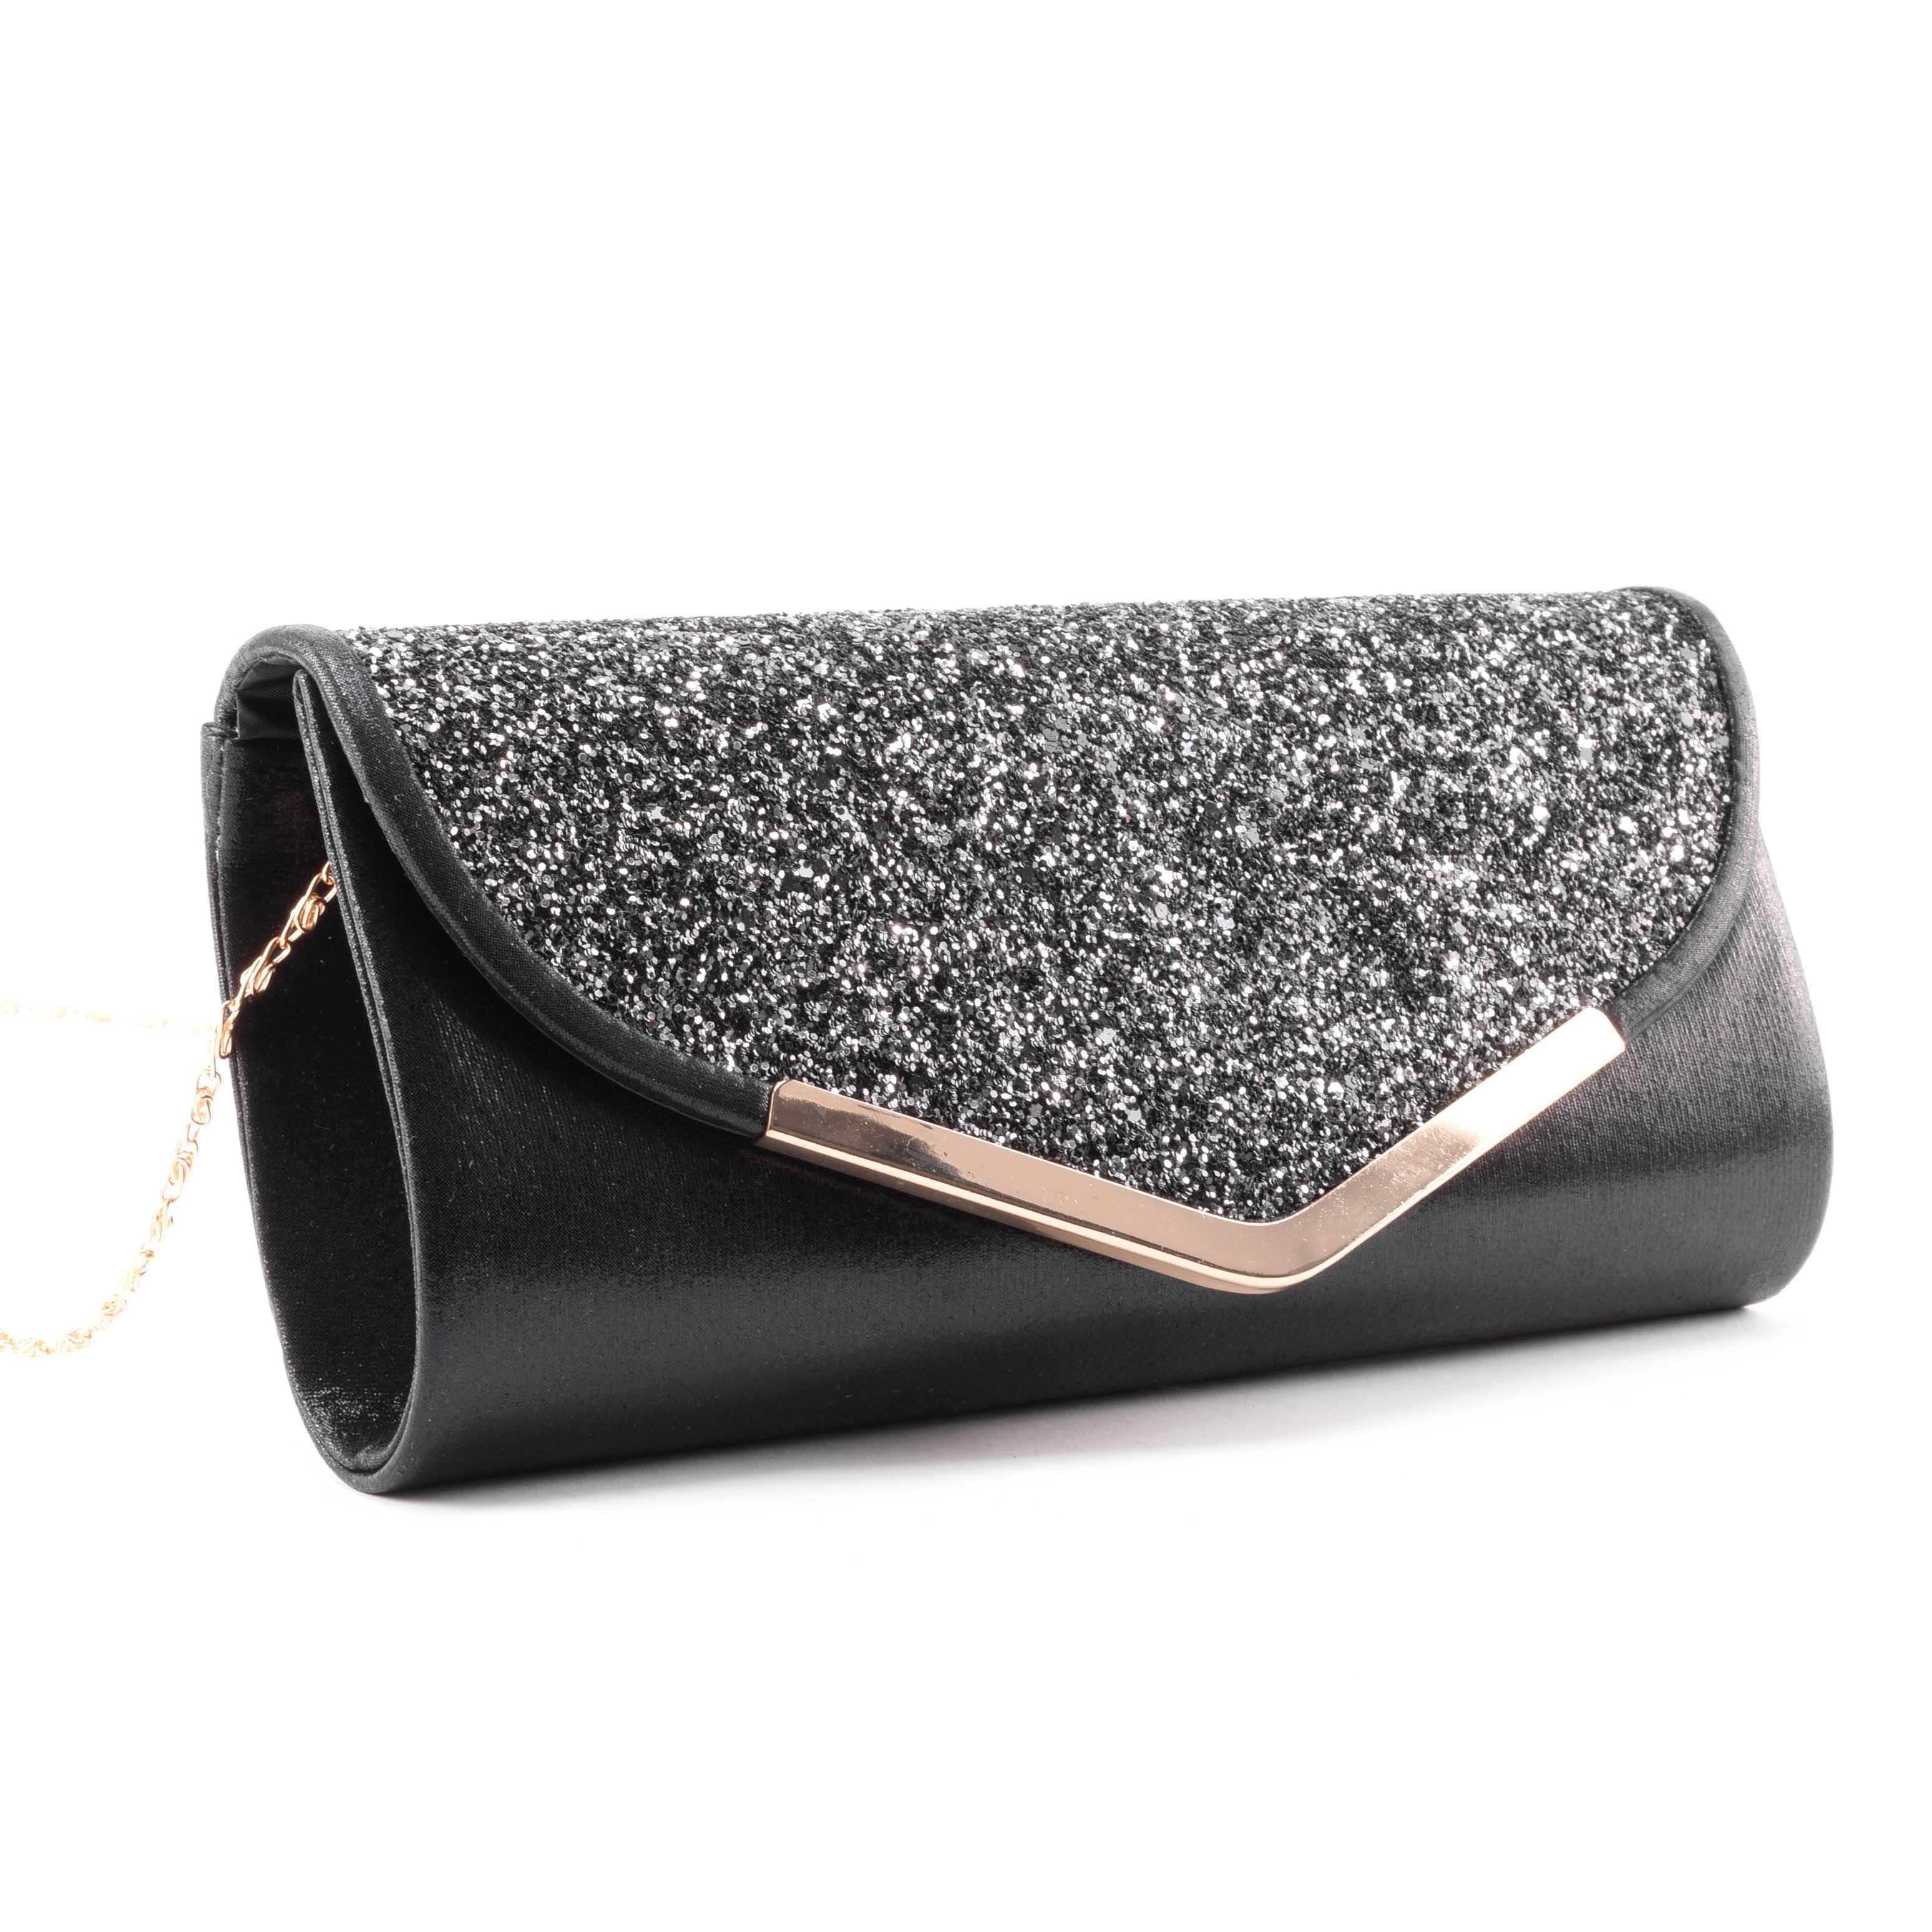 Fekete női csillámos alkalmi táska - Alkalmi táskák - Táska webáruház -  Minőségi táskák mindenkinek 920f038e82